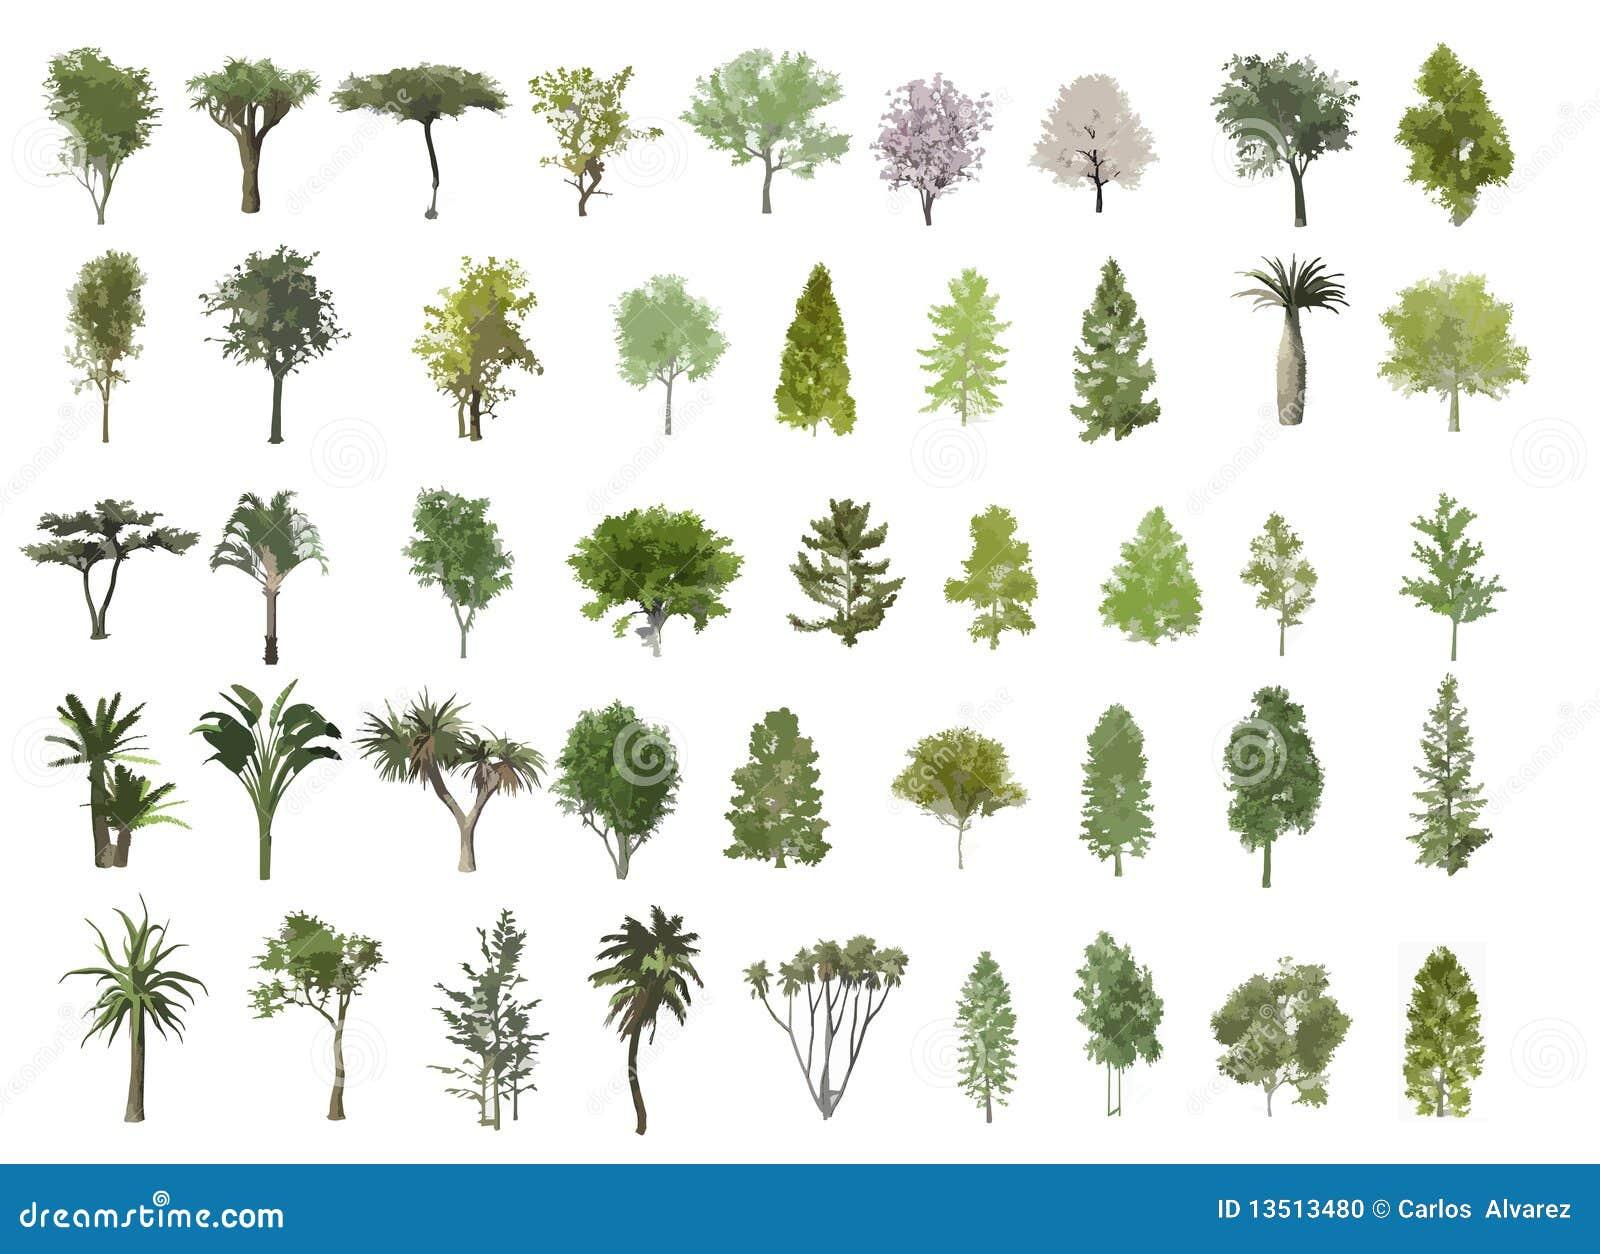 Ilustración de los árboles